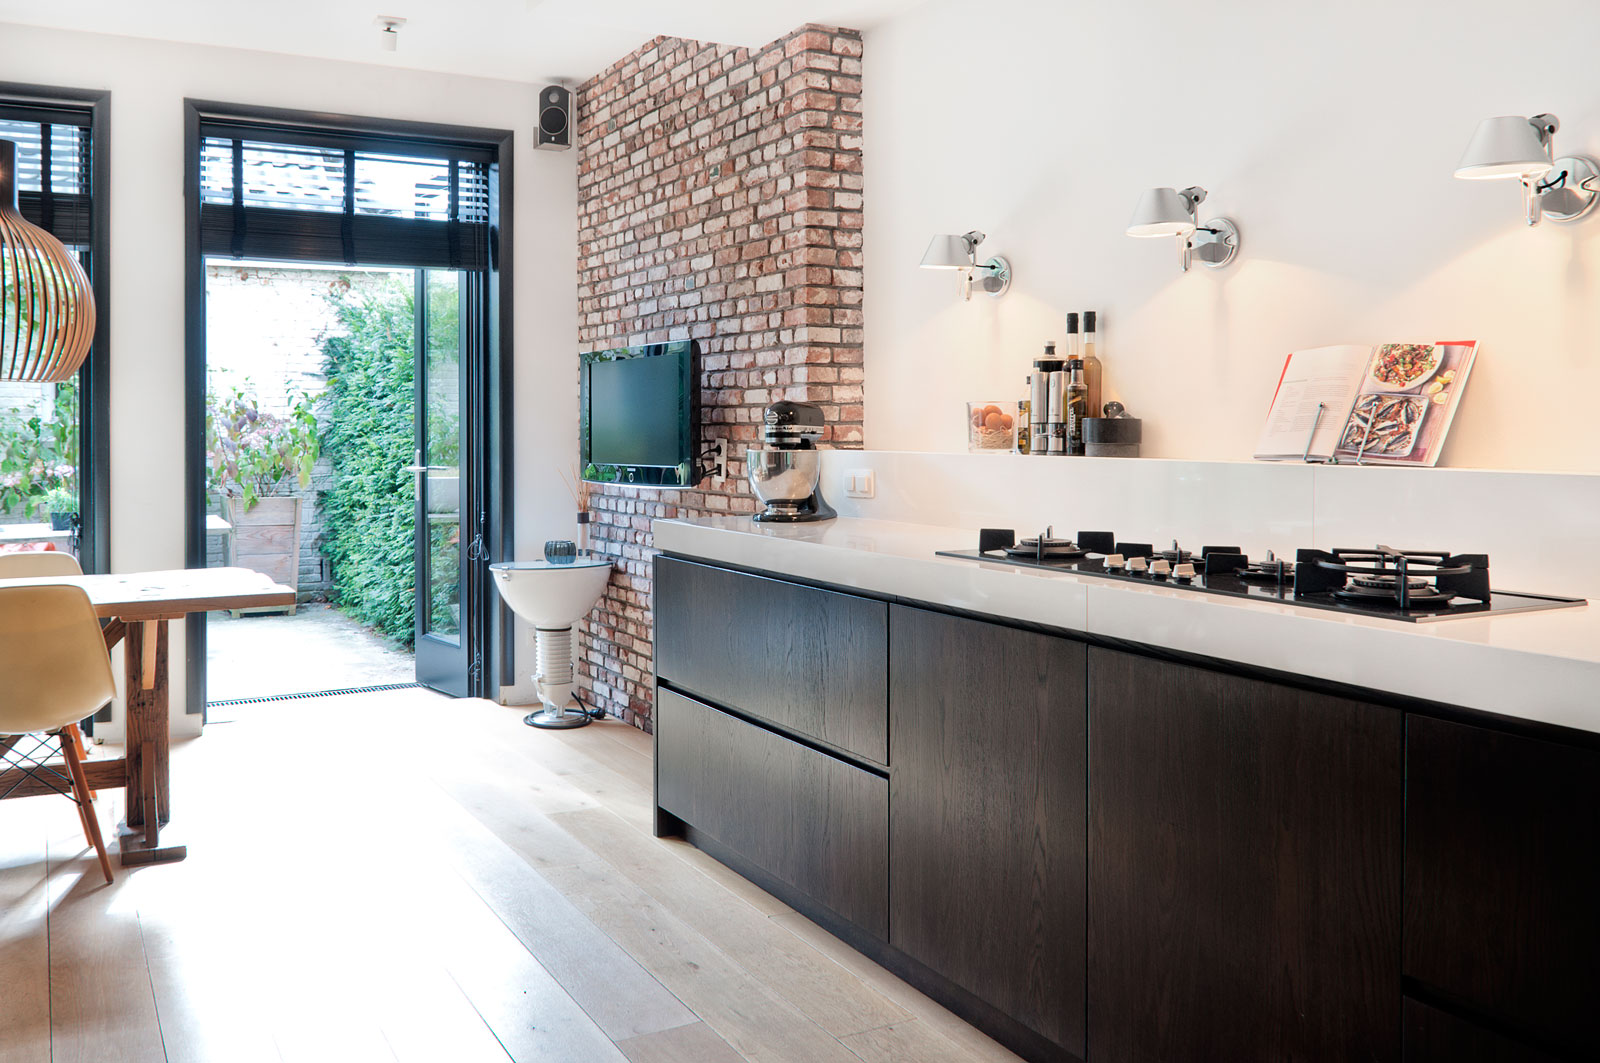 Huis Donker Hout : Donkere eiken houten droomkeuken inrichting huis